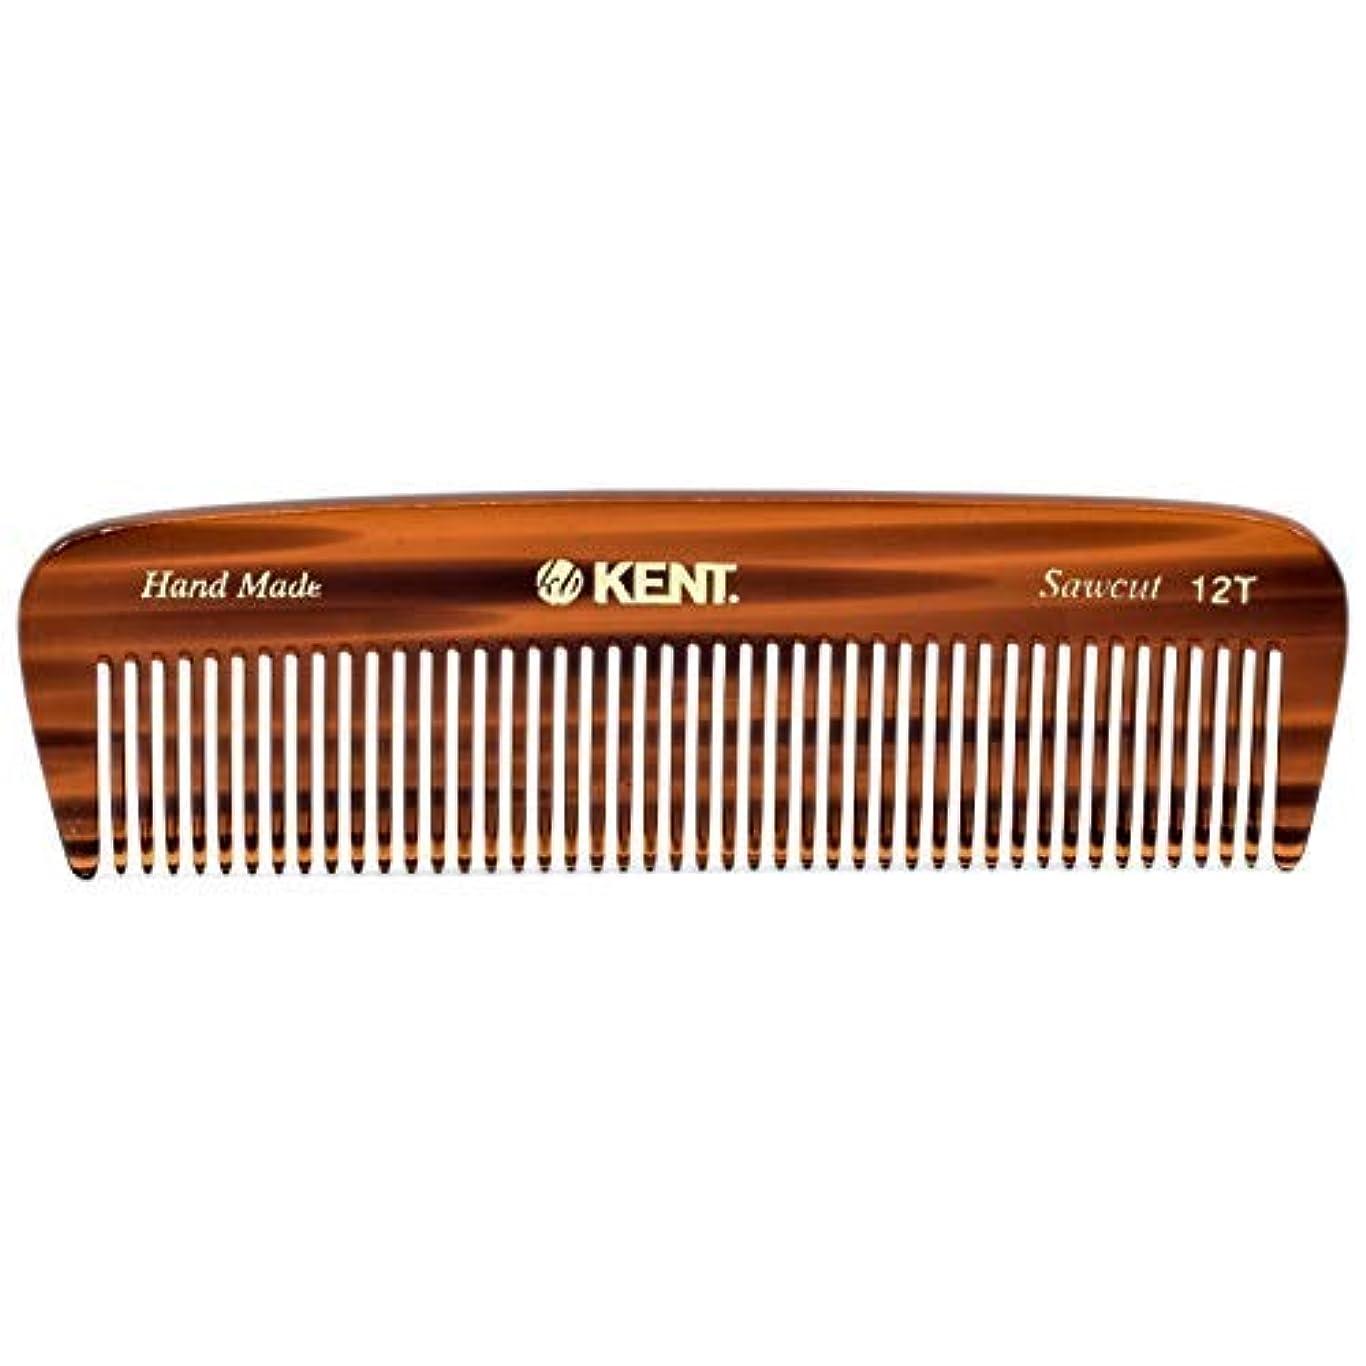 思いやりのある美的シャープKent 12T Handmade Medium Size Teeth for Thick/Coarse Hair Comb for Men/Women - For Grooming, Styling, and Detangling (5